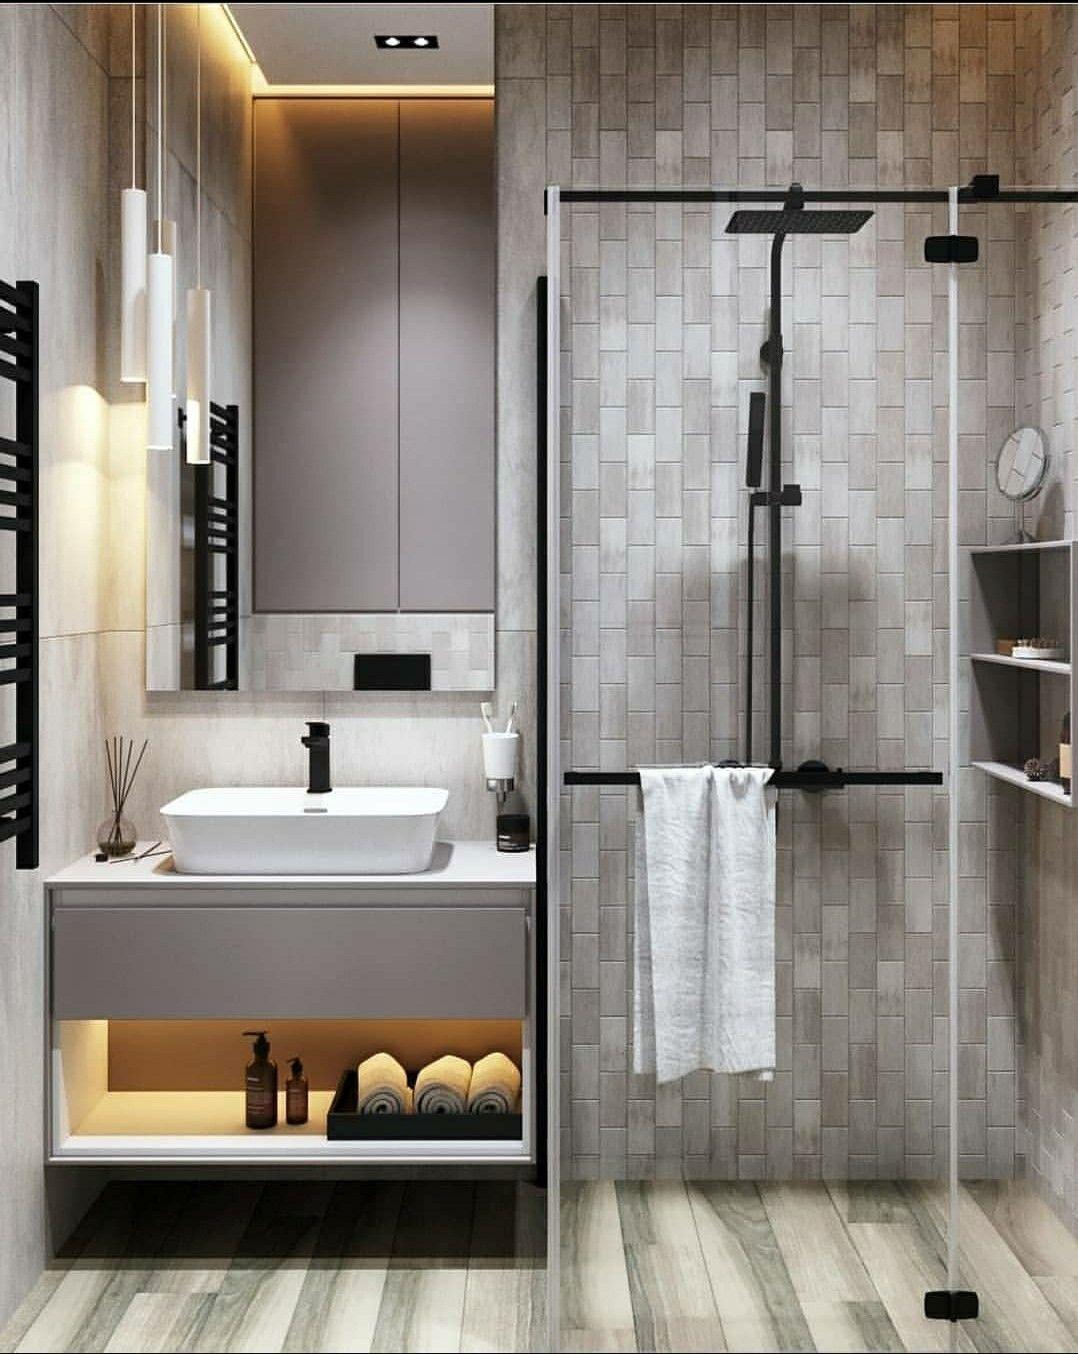 Unique Lighting Pattern For Bathroom Em 2020 Casas Residencia Decoracao